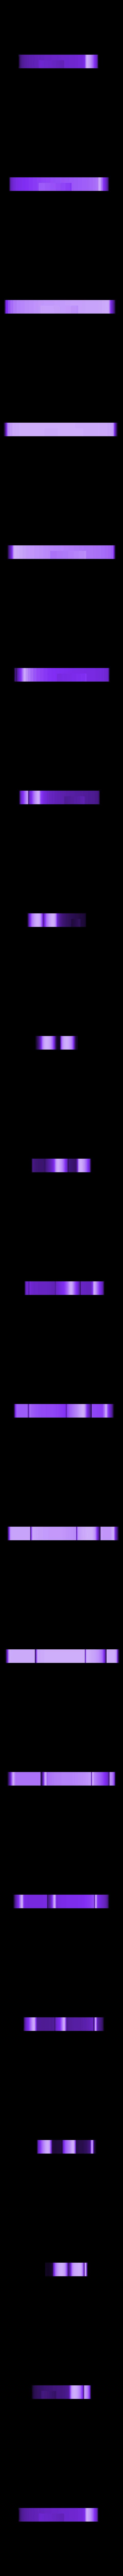 """H-2.stl Télécharger fichier STL gratuit LED light letters """"Why not?"""" • Objet pour impression 3D, dukedoks"""